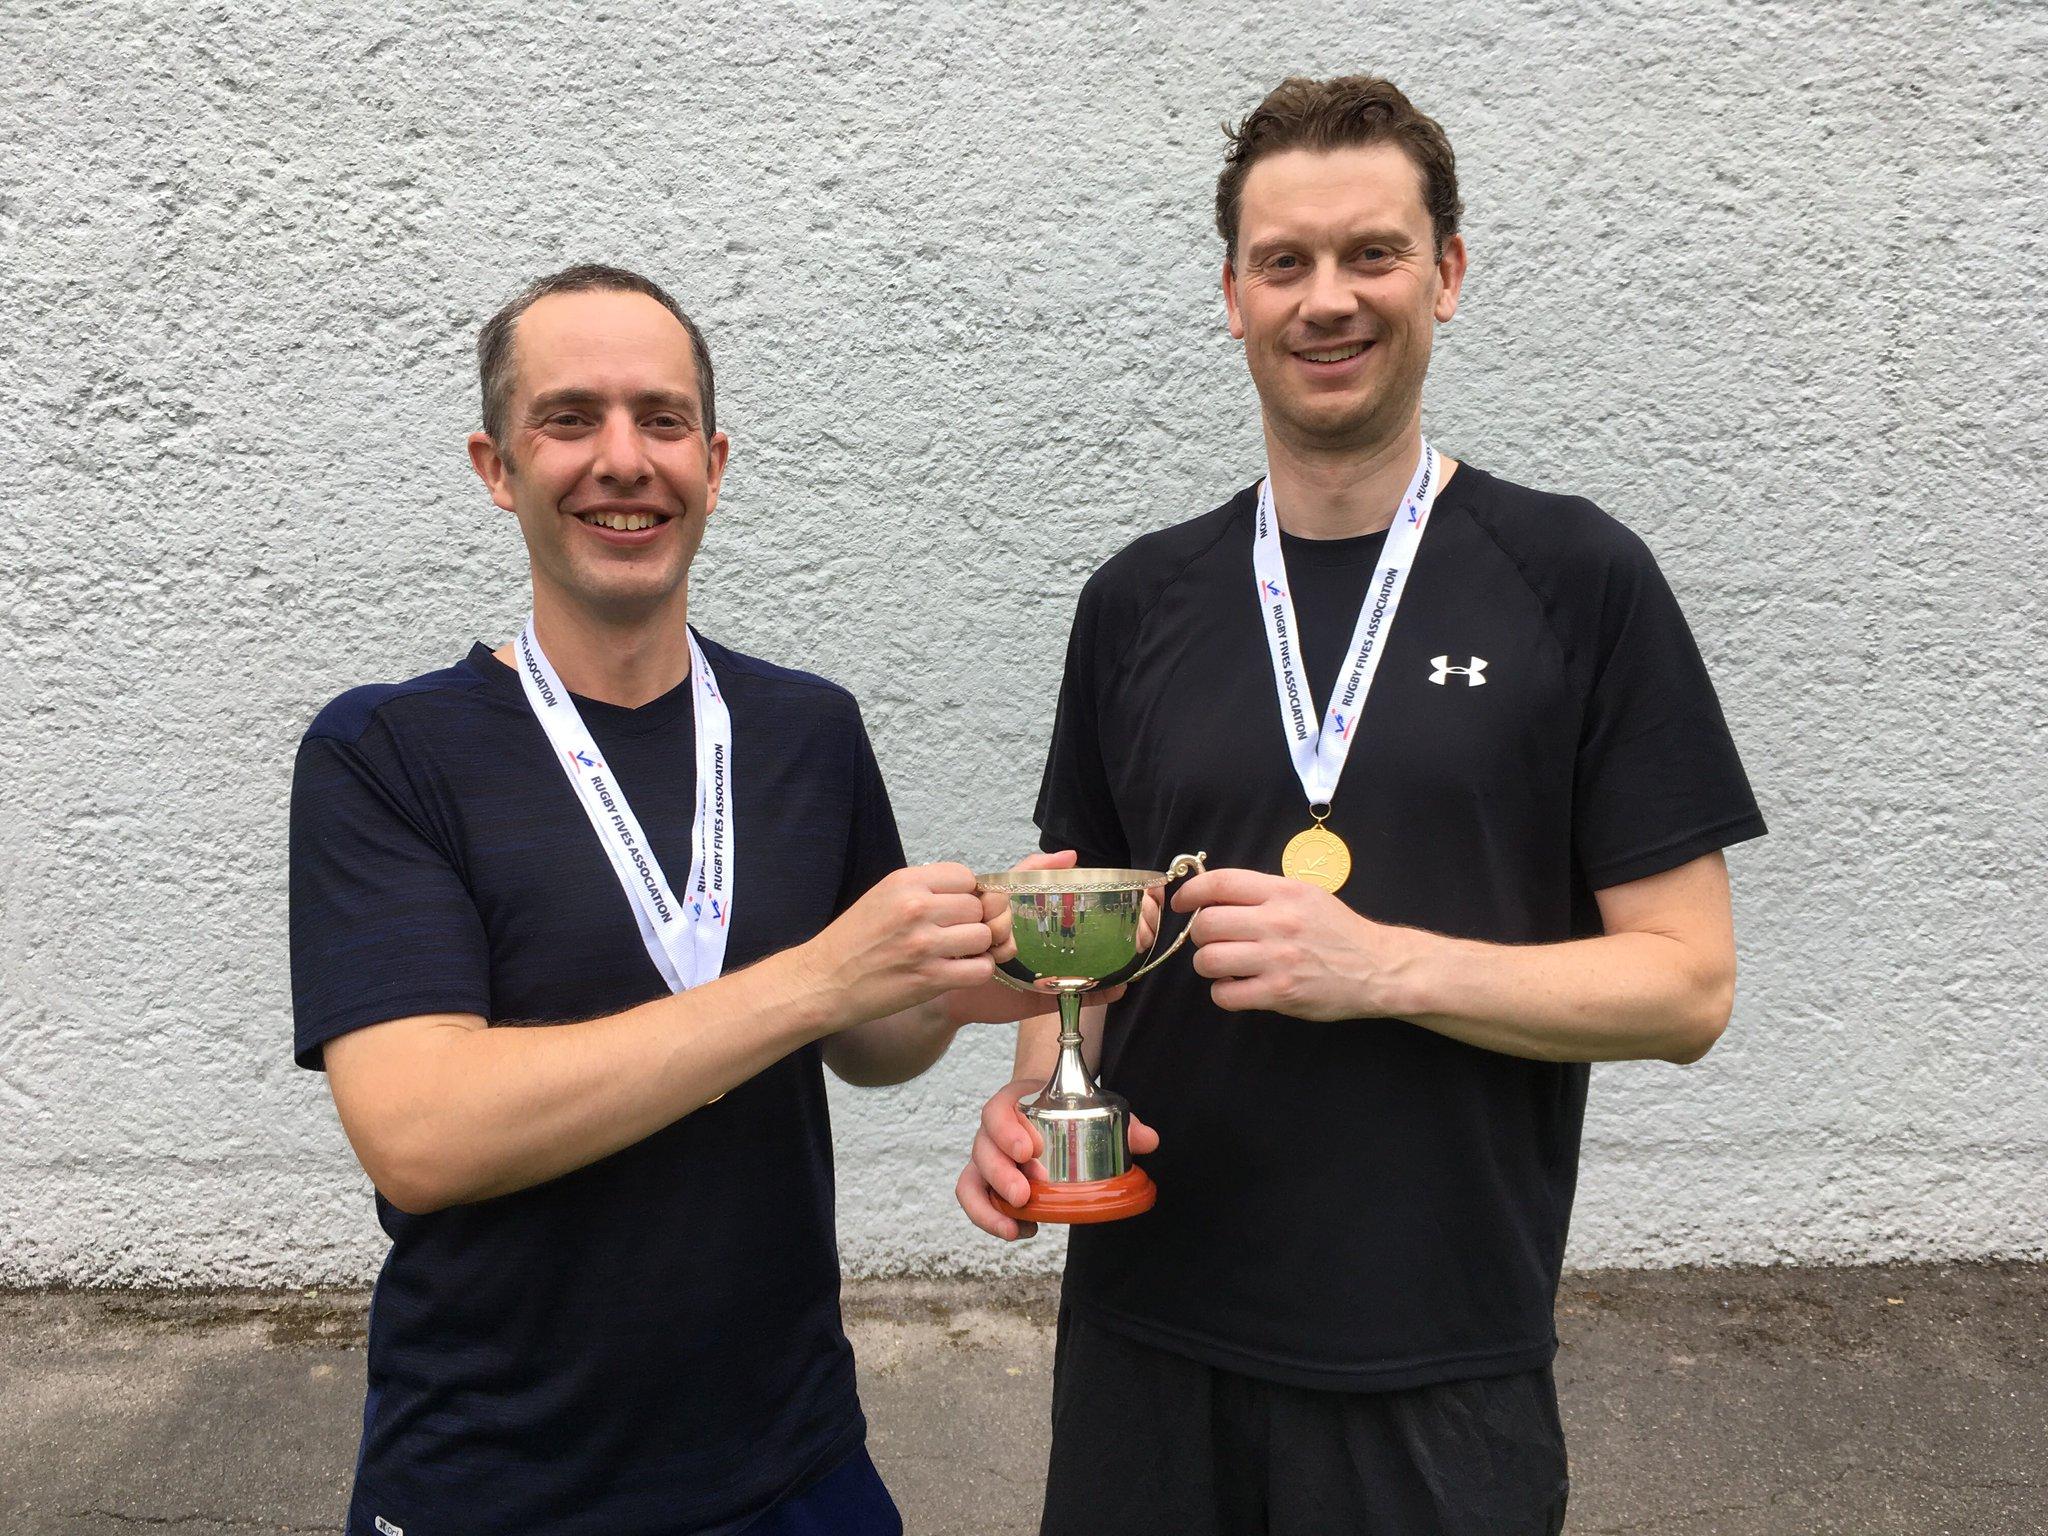 Winners of the SE Open Doubles 2017